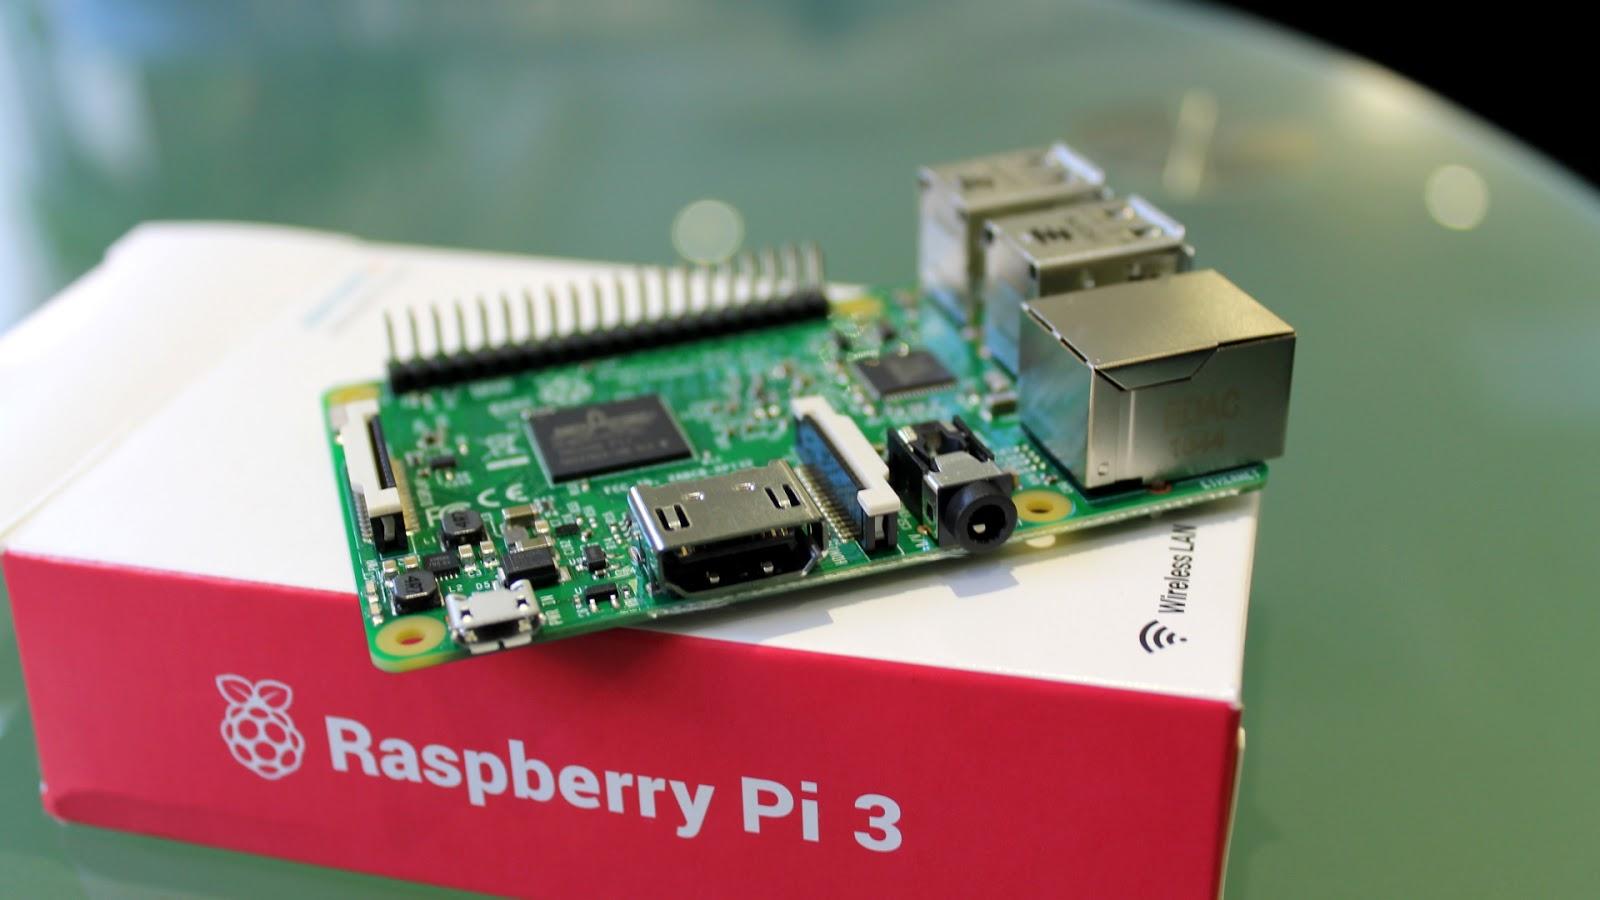 مشاريع مميزة يمكنك بناؤها بالاستعانة بشريحة Raspberry pi